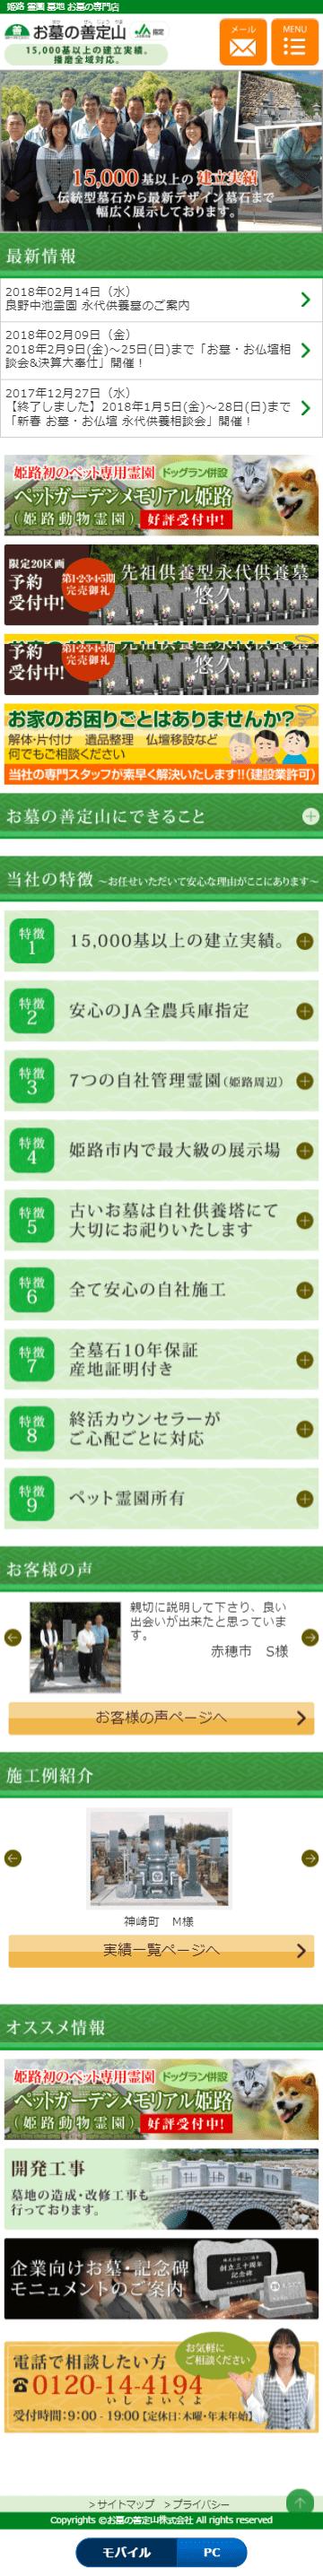 姫路市 お墓の善定山様 ホームページ制作3